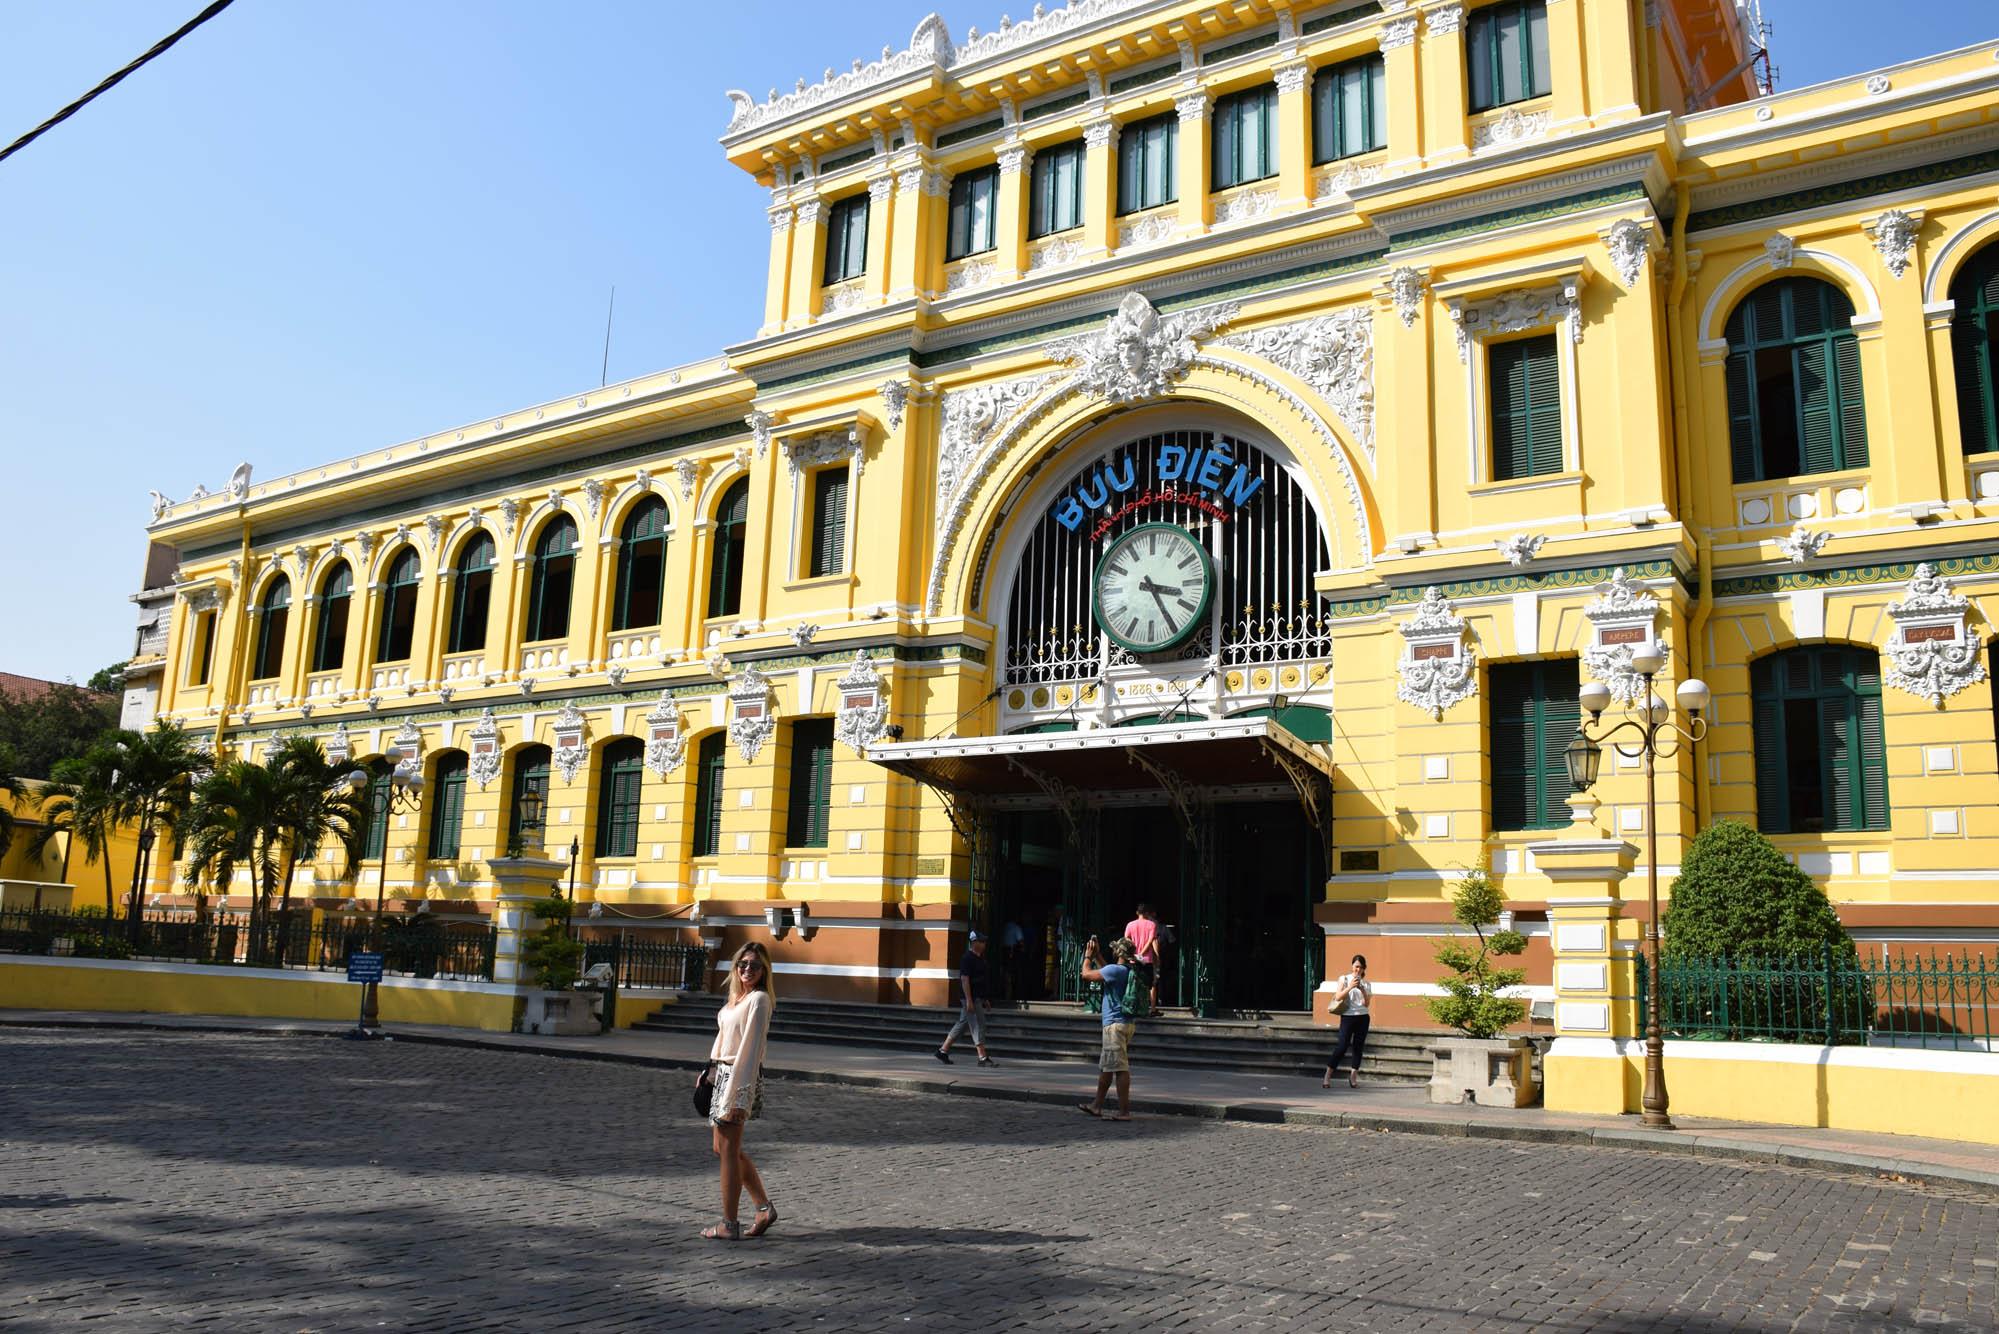 Post Office de Saigon - ainda em funcionamento!